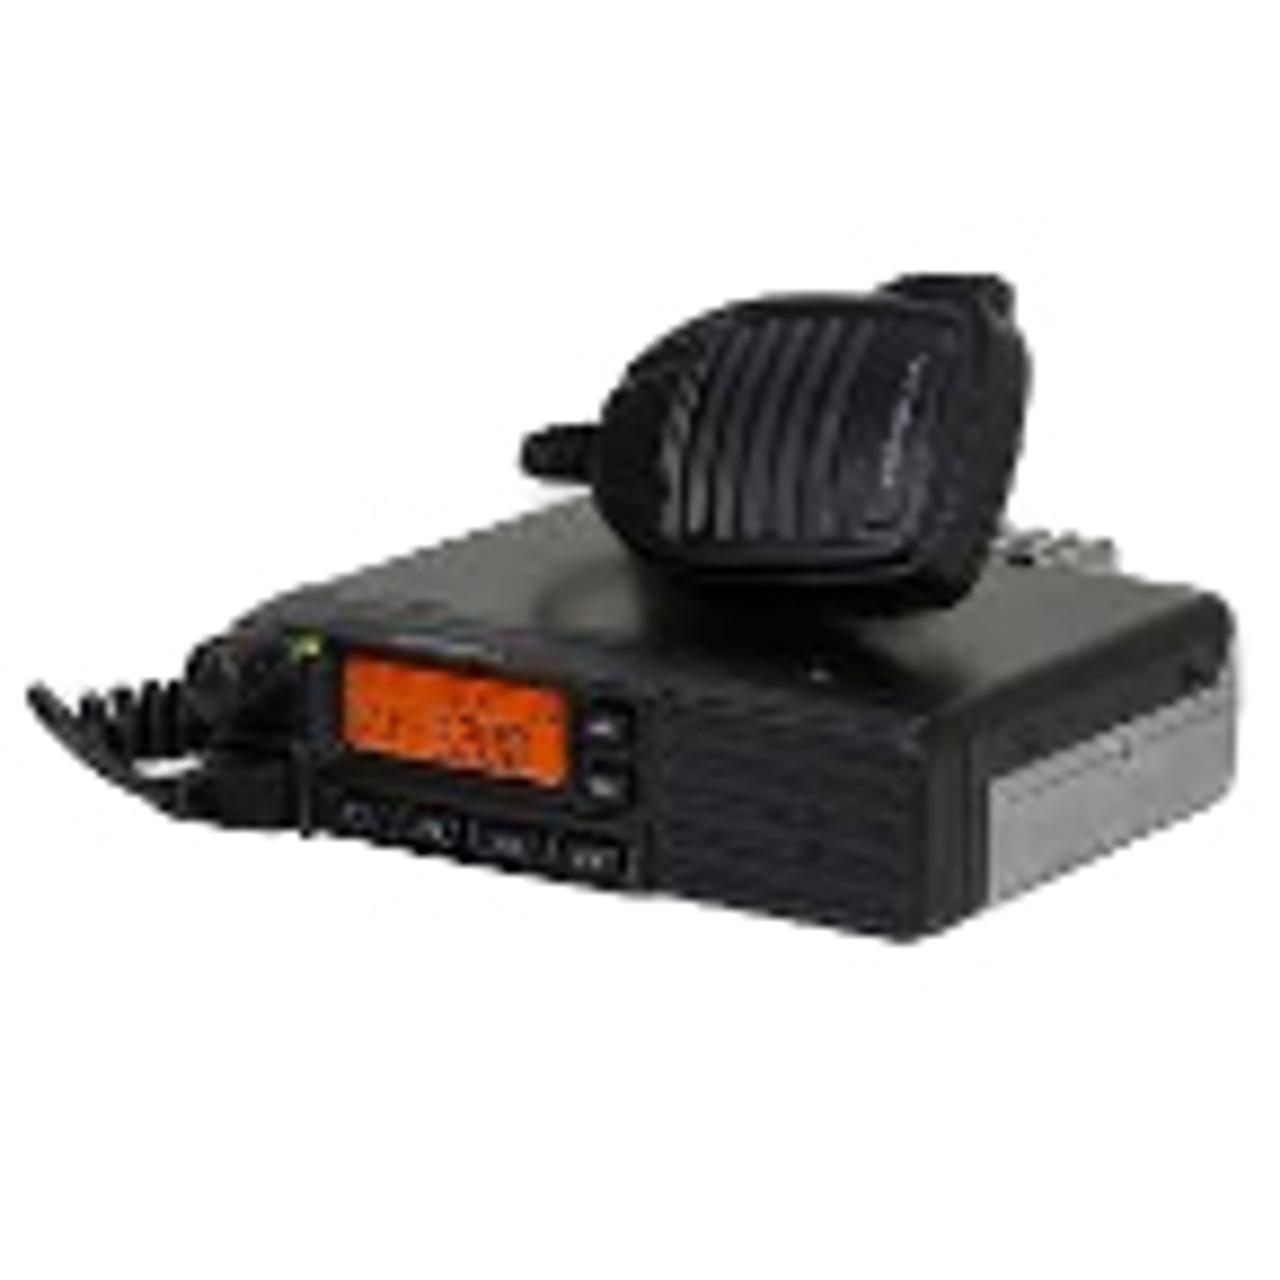 Commercial Radios - Motorola Commercial Radios - Motorola